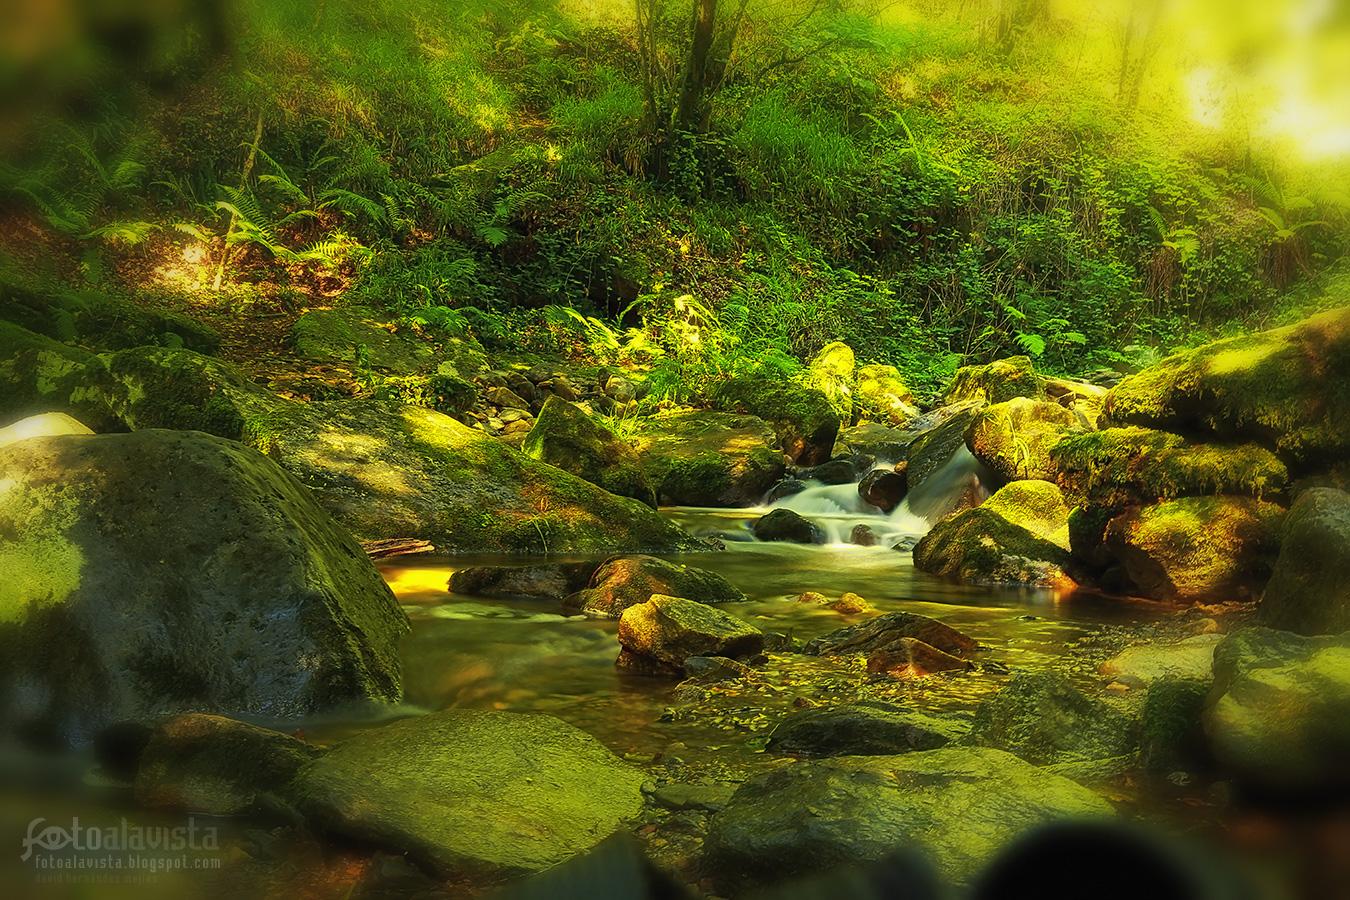 La magia del bosque - Fotografía